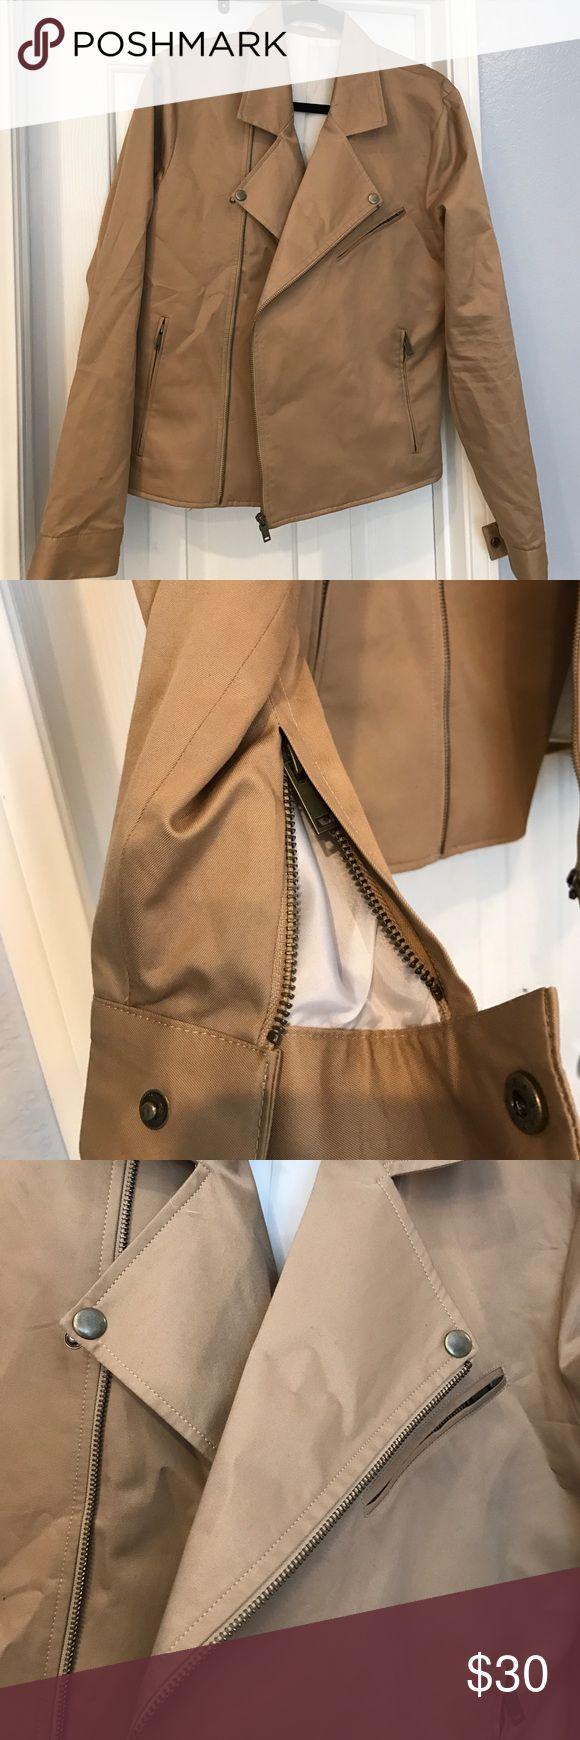 Topman light brown medium jacket Topman light brown medium jacket. There is one flaw in that inside pocket is missing the button but not noticeable as it is on the inside Topman Jackets & Coats Lightweight & Shirt Jackets